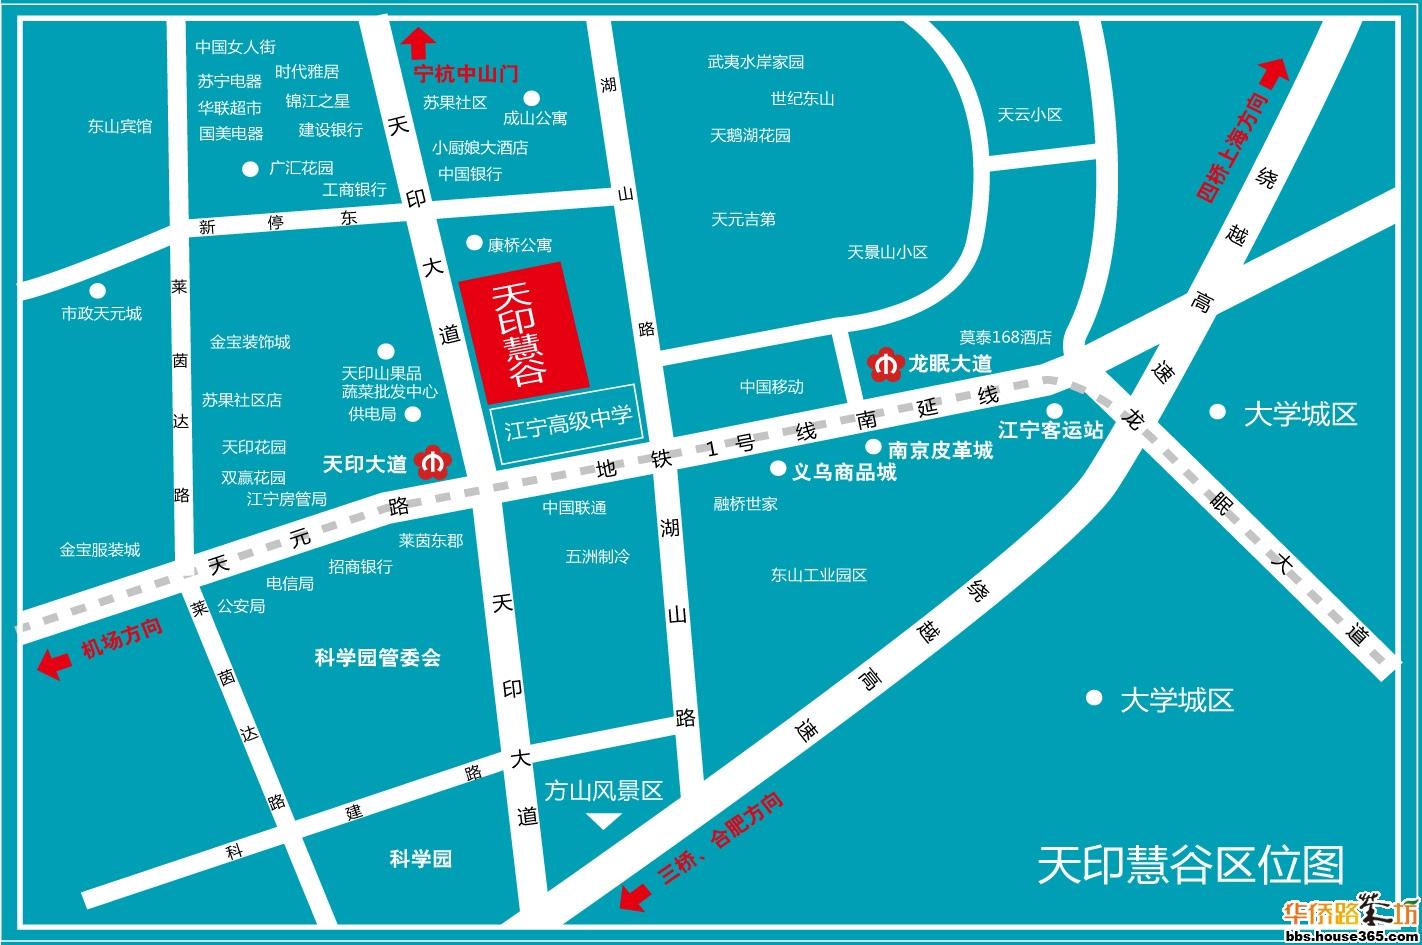 第一部分:项目的简介 项目介绍:天印慧谷位于江宁区天印大道1369号,是在江宁高新园区统一领导下,打造的以教育智慧产业为主题的现代商务办公产业园区。园区总体量约3.5万平米,由一幢16层SOHO办公楼和商业街共同组成。预计进驻园区的企业总数量在150家左右。 1、SOHO办公楼情况 SOHO办公楼为产权发售,共计258套房屋,共计1.